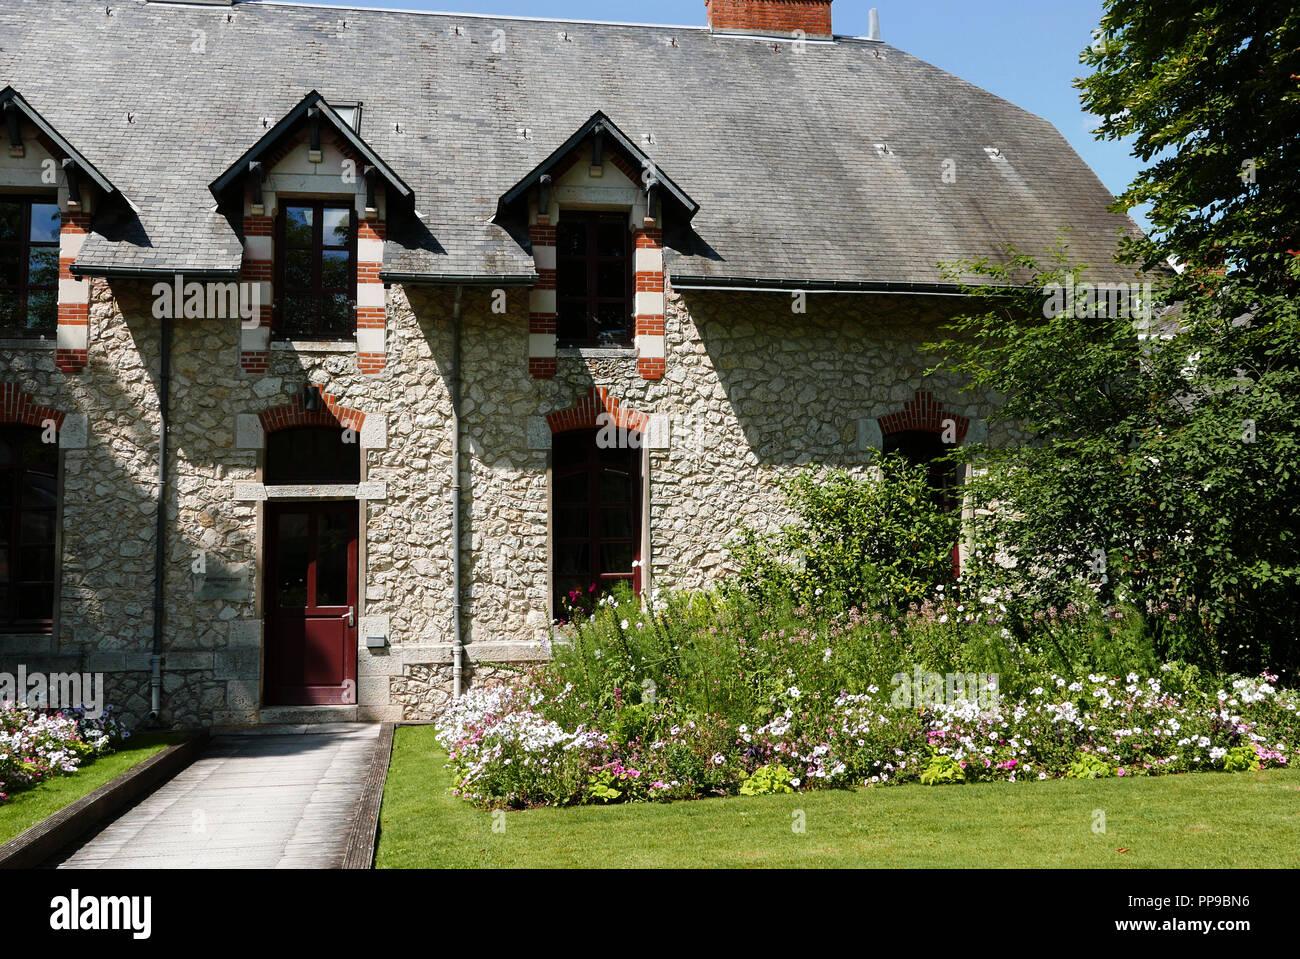 International Garden Festival, Domain of Chaumont-sur-Loire, Centre for arts and nature, Loire valley, Loir-et-Cher, Touraine, France, Europe Stock Photo